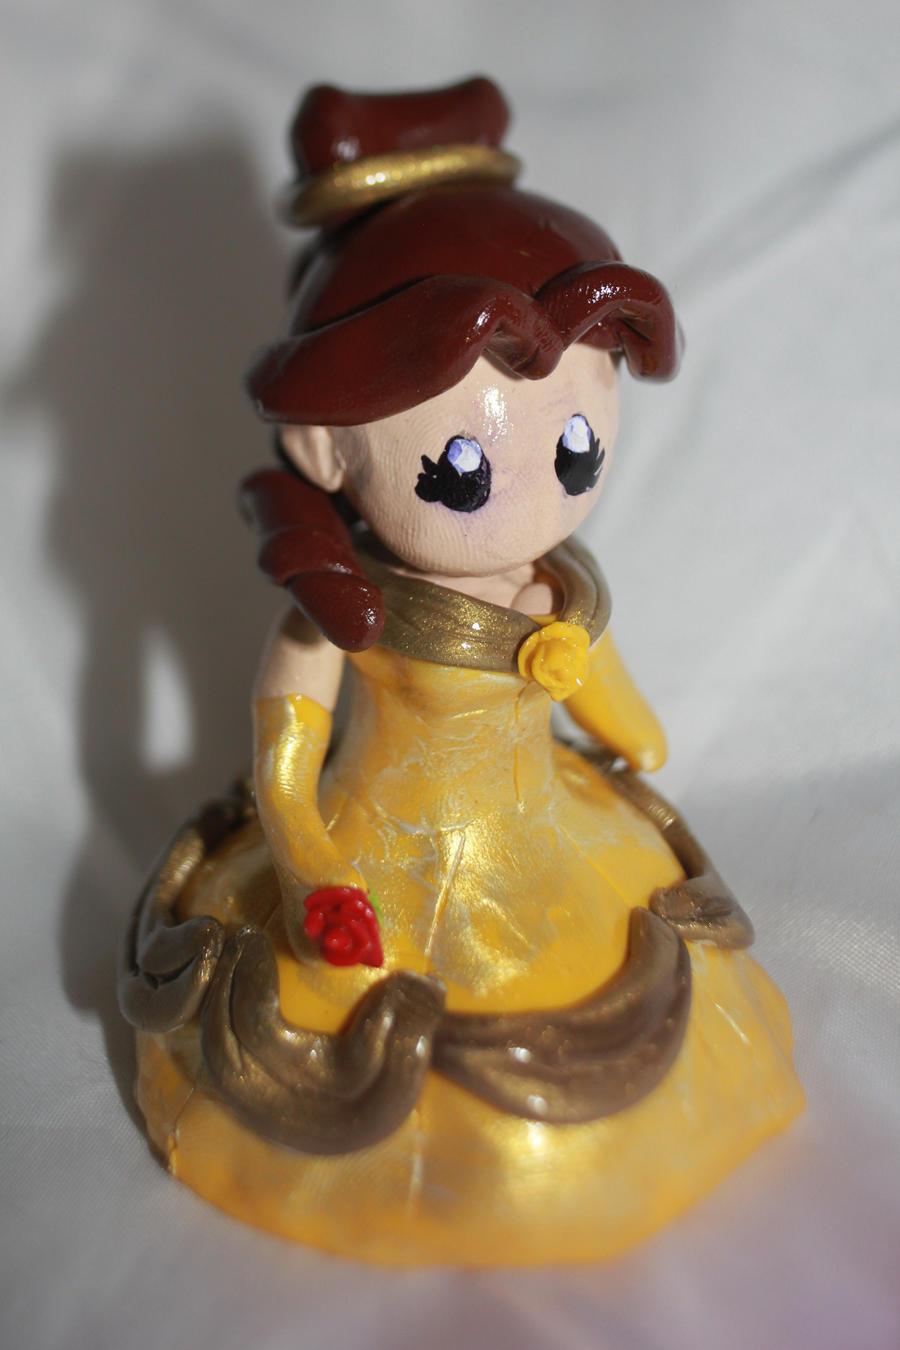 Bell by smyrah1